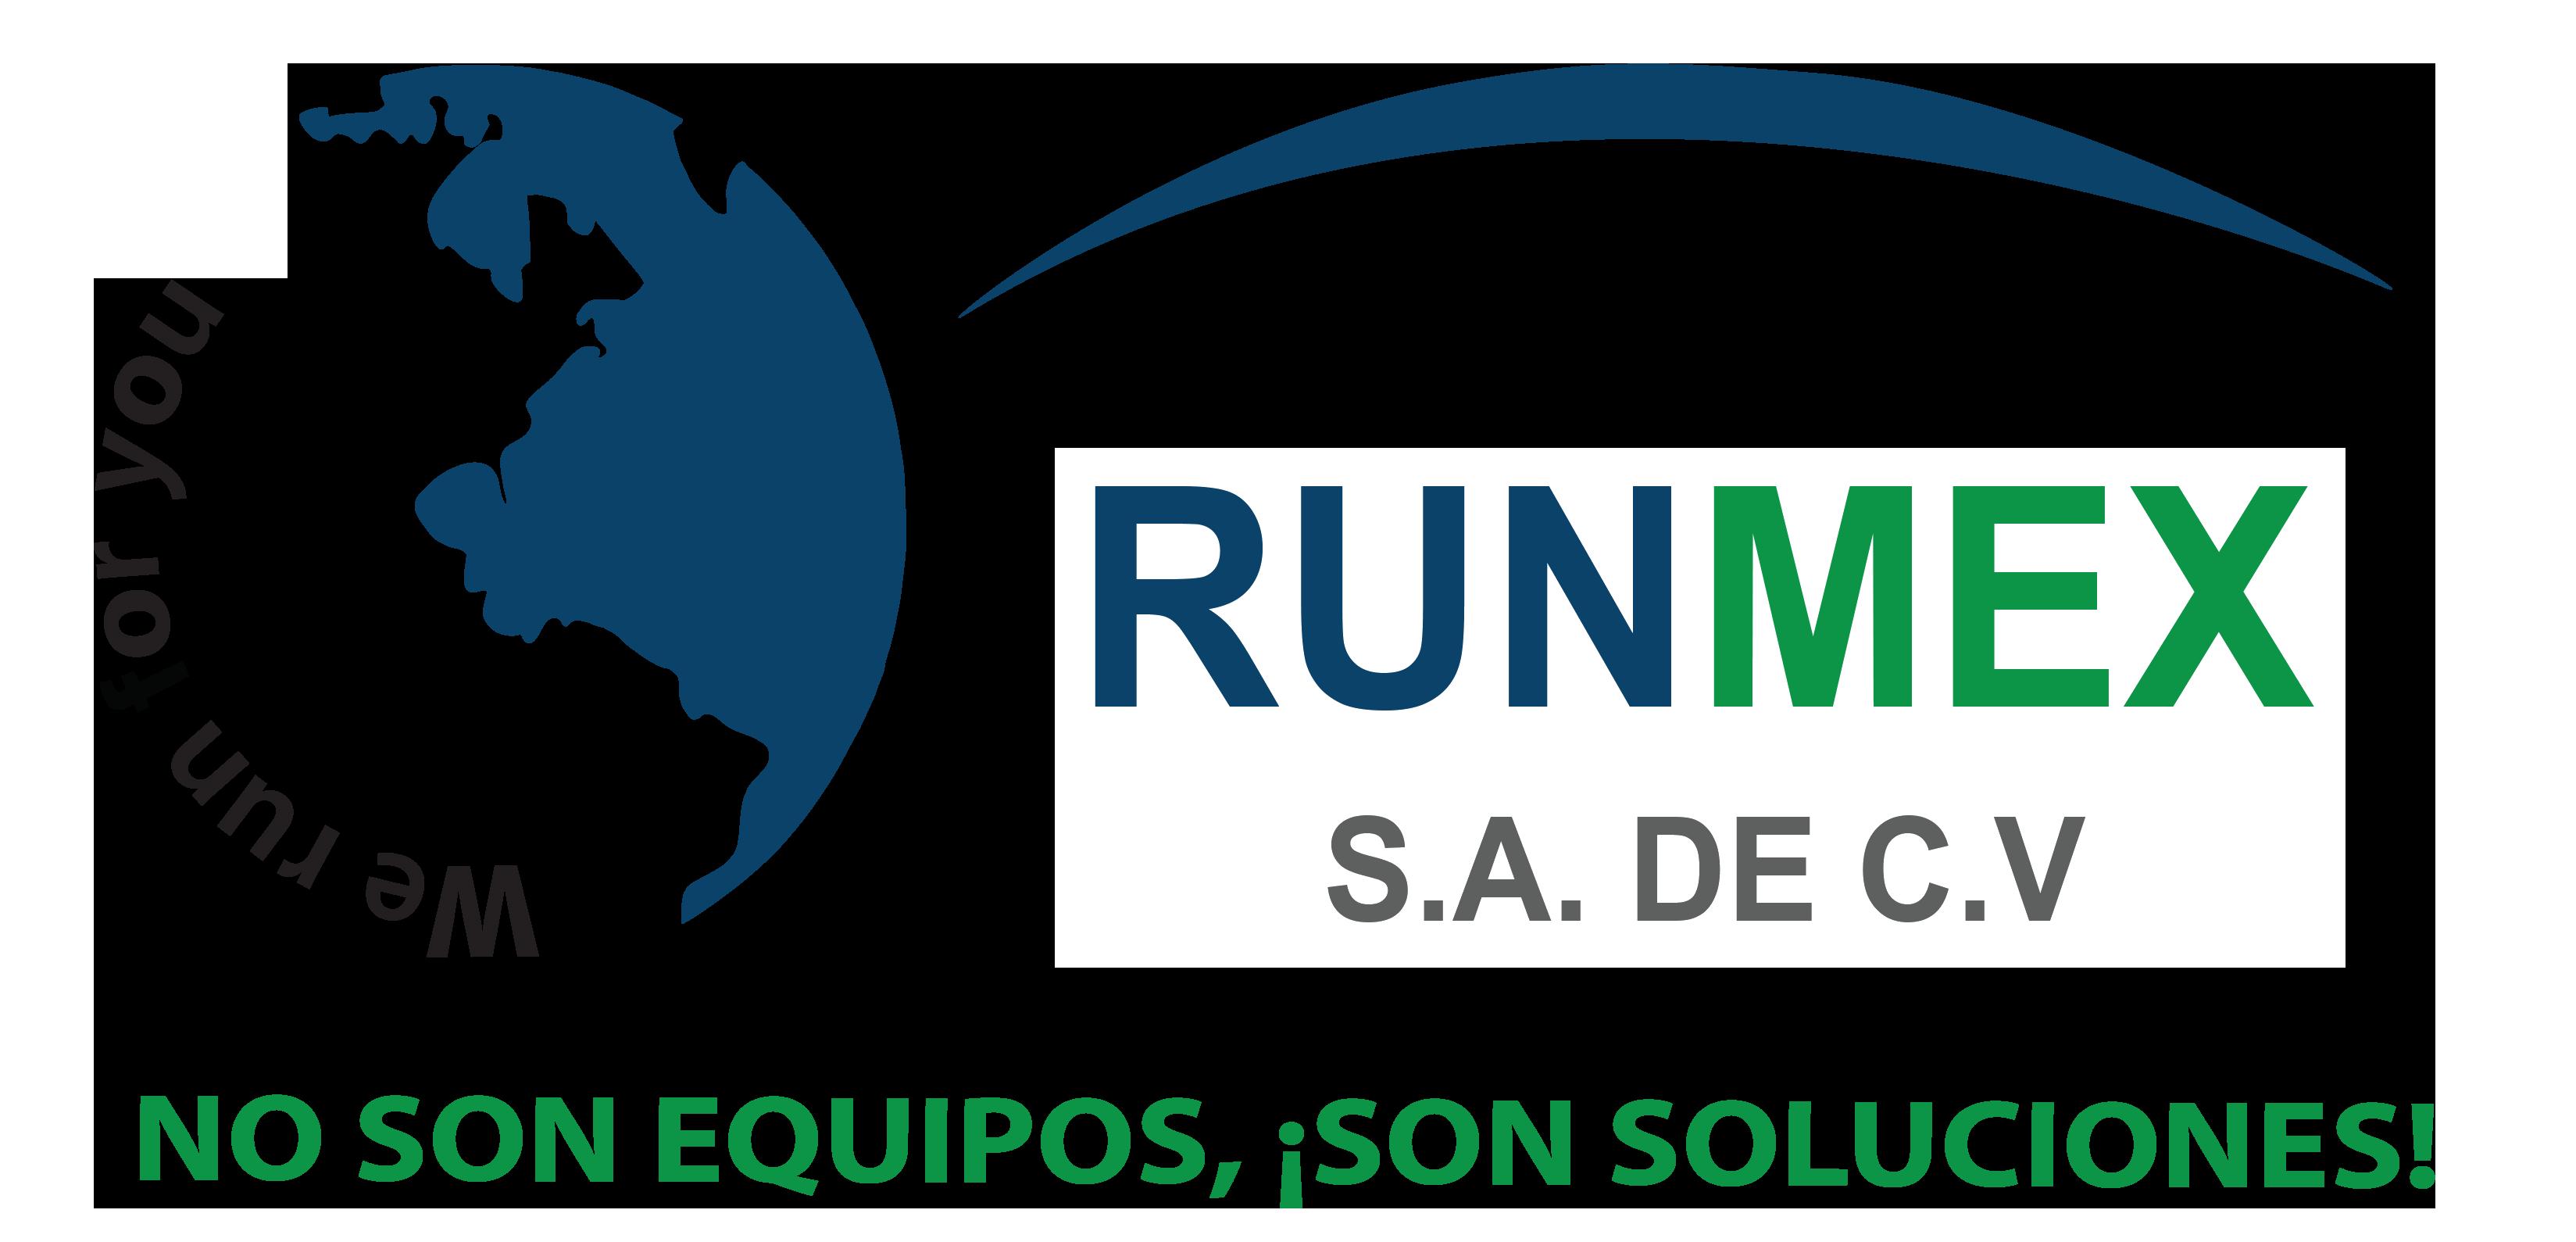 RUNMEX